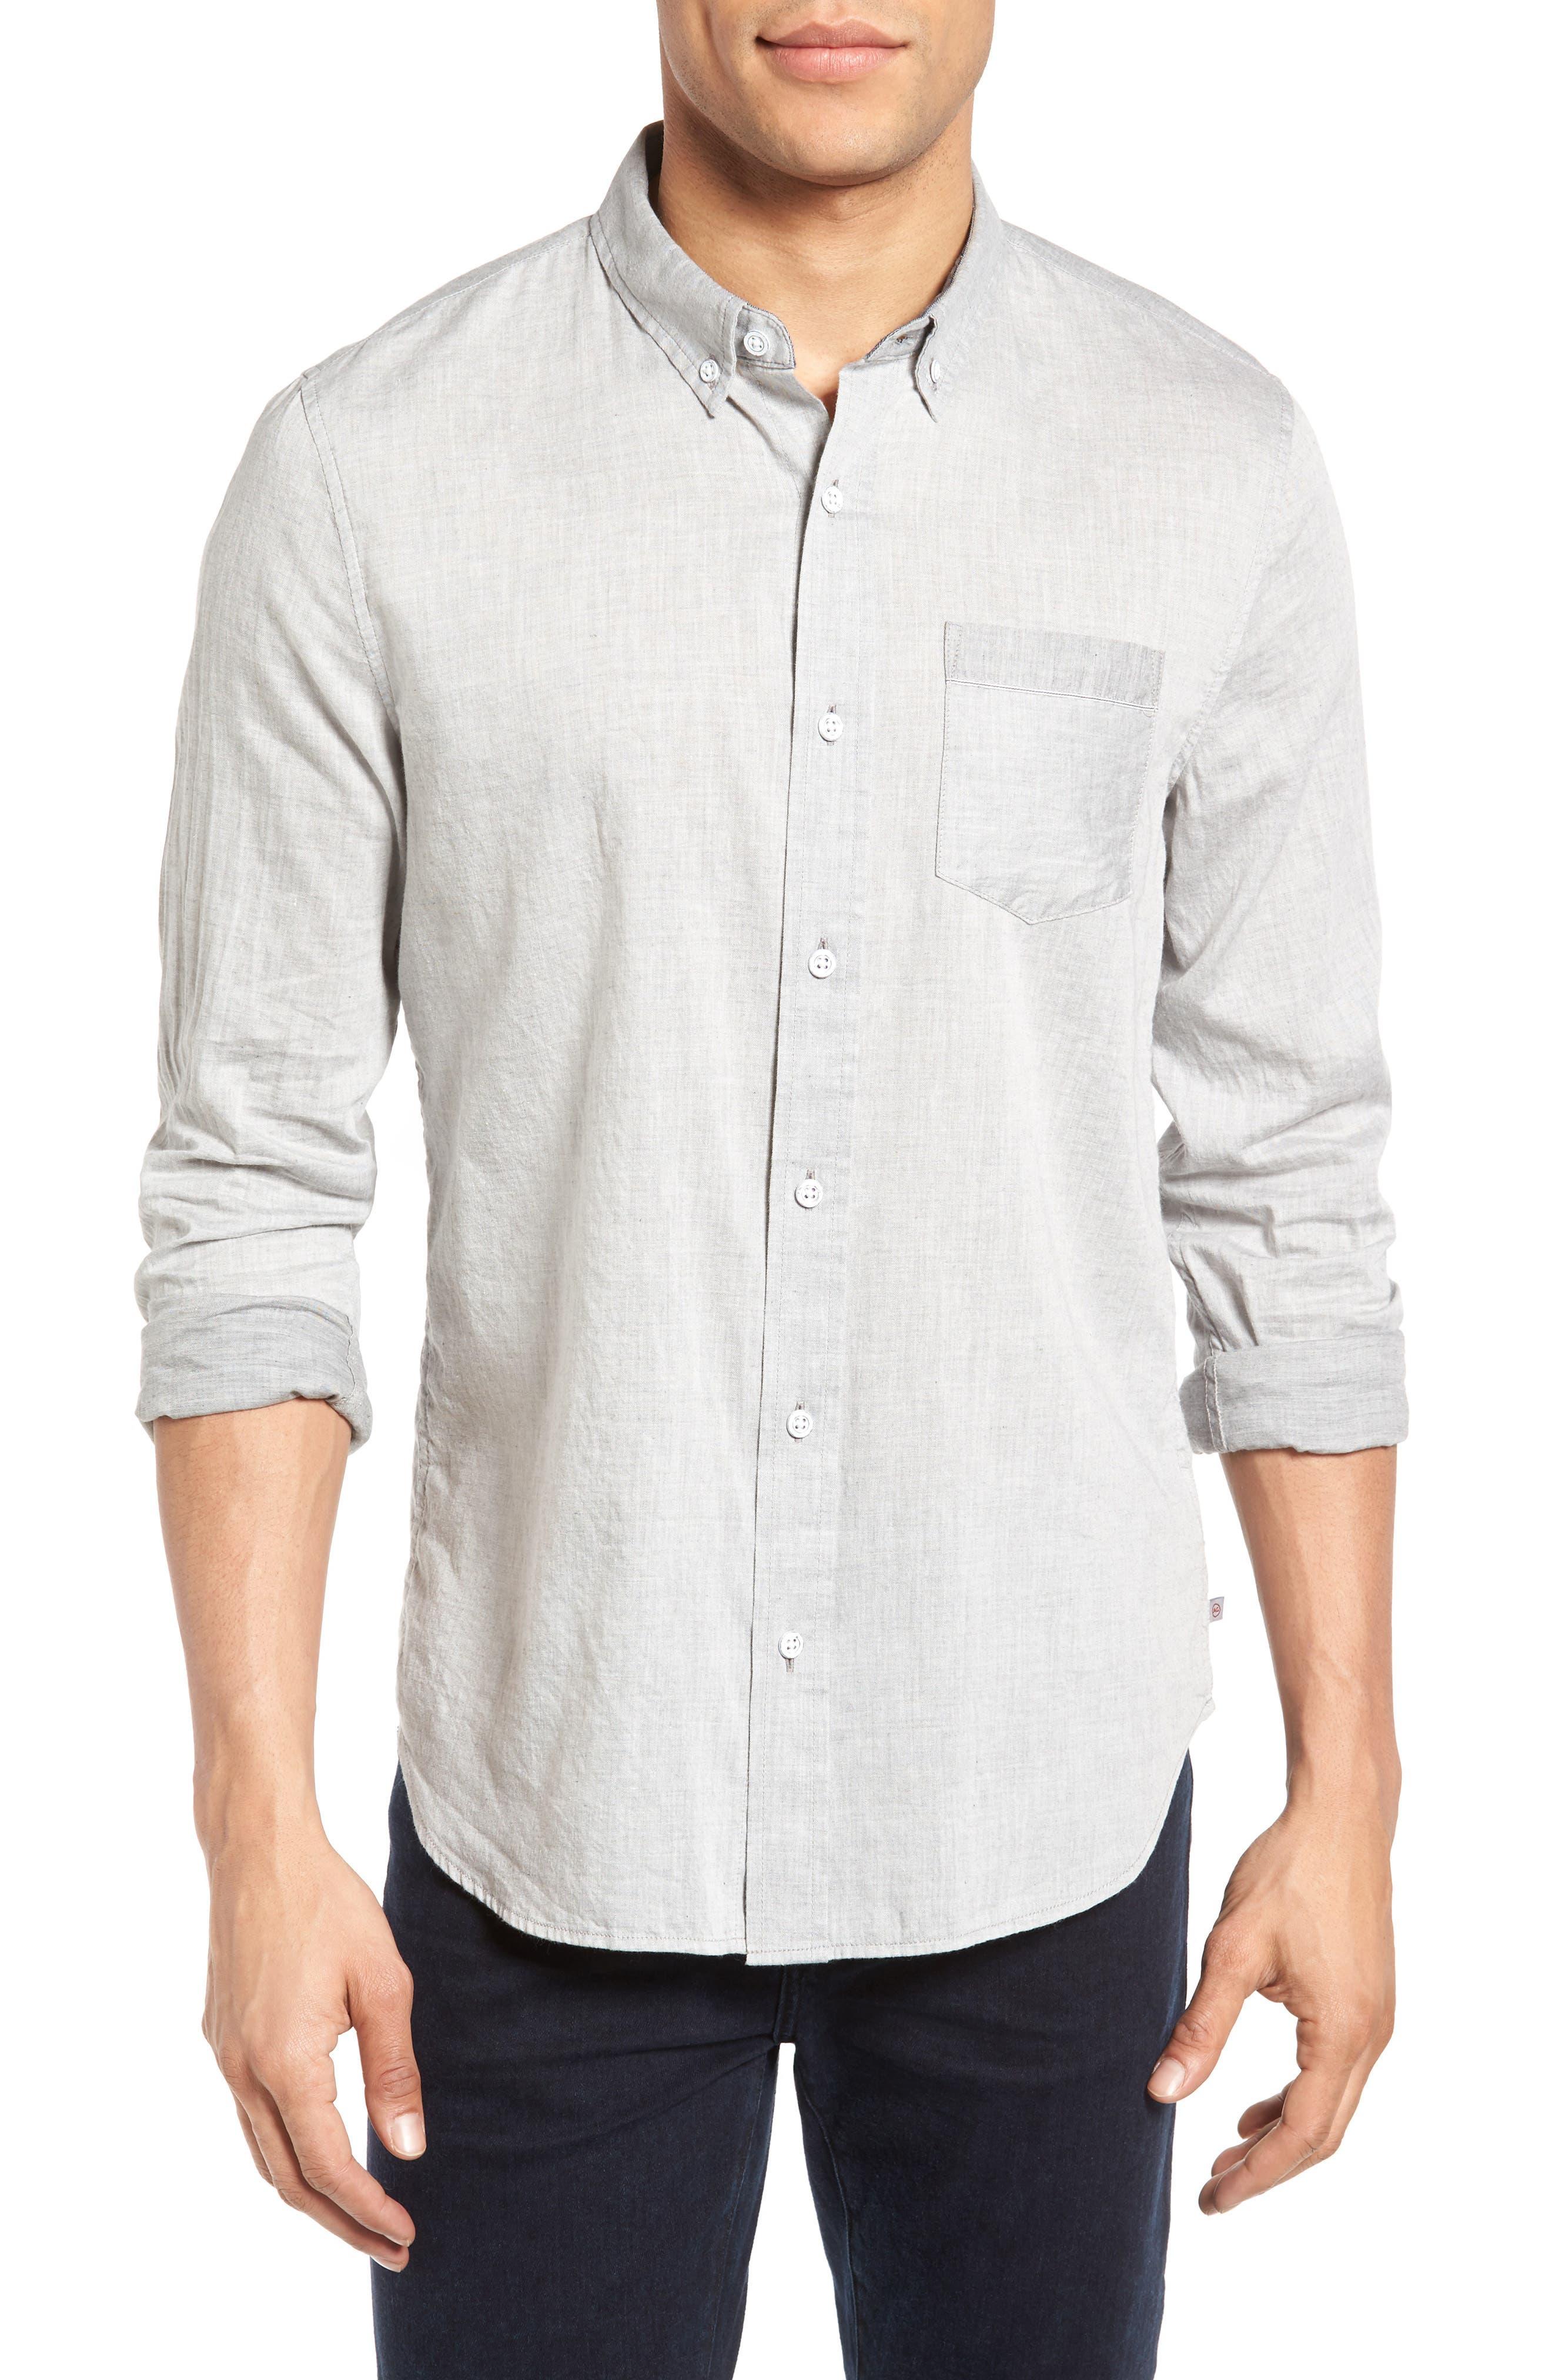 Grady Trim Fit Sport Shirt,                             Main thumbnail 1, color,                             022